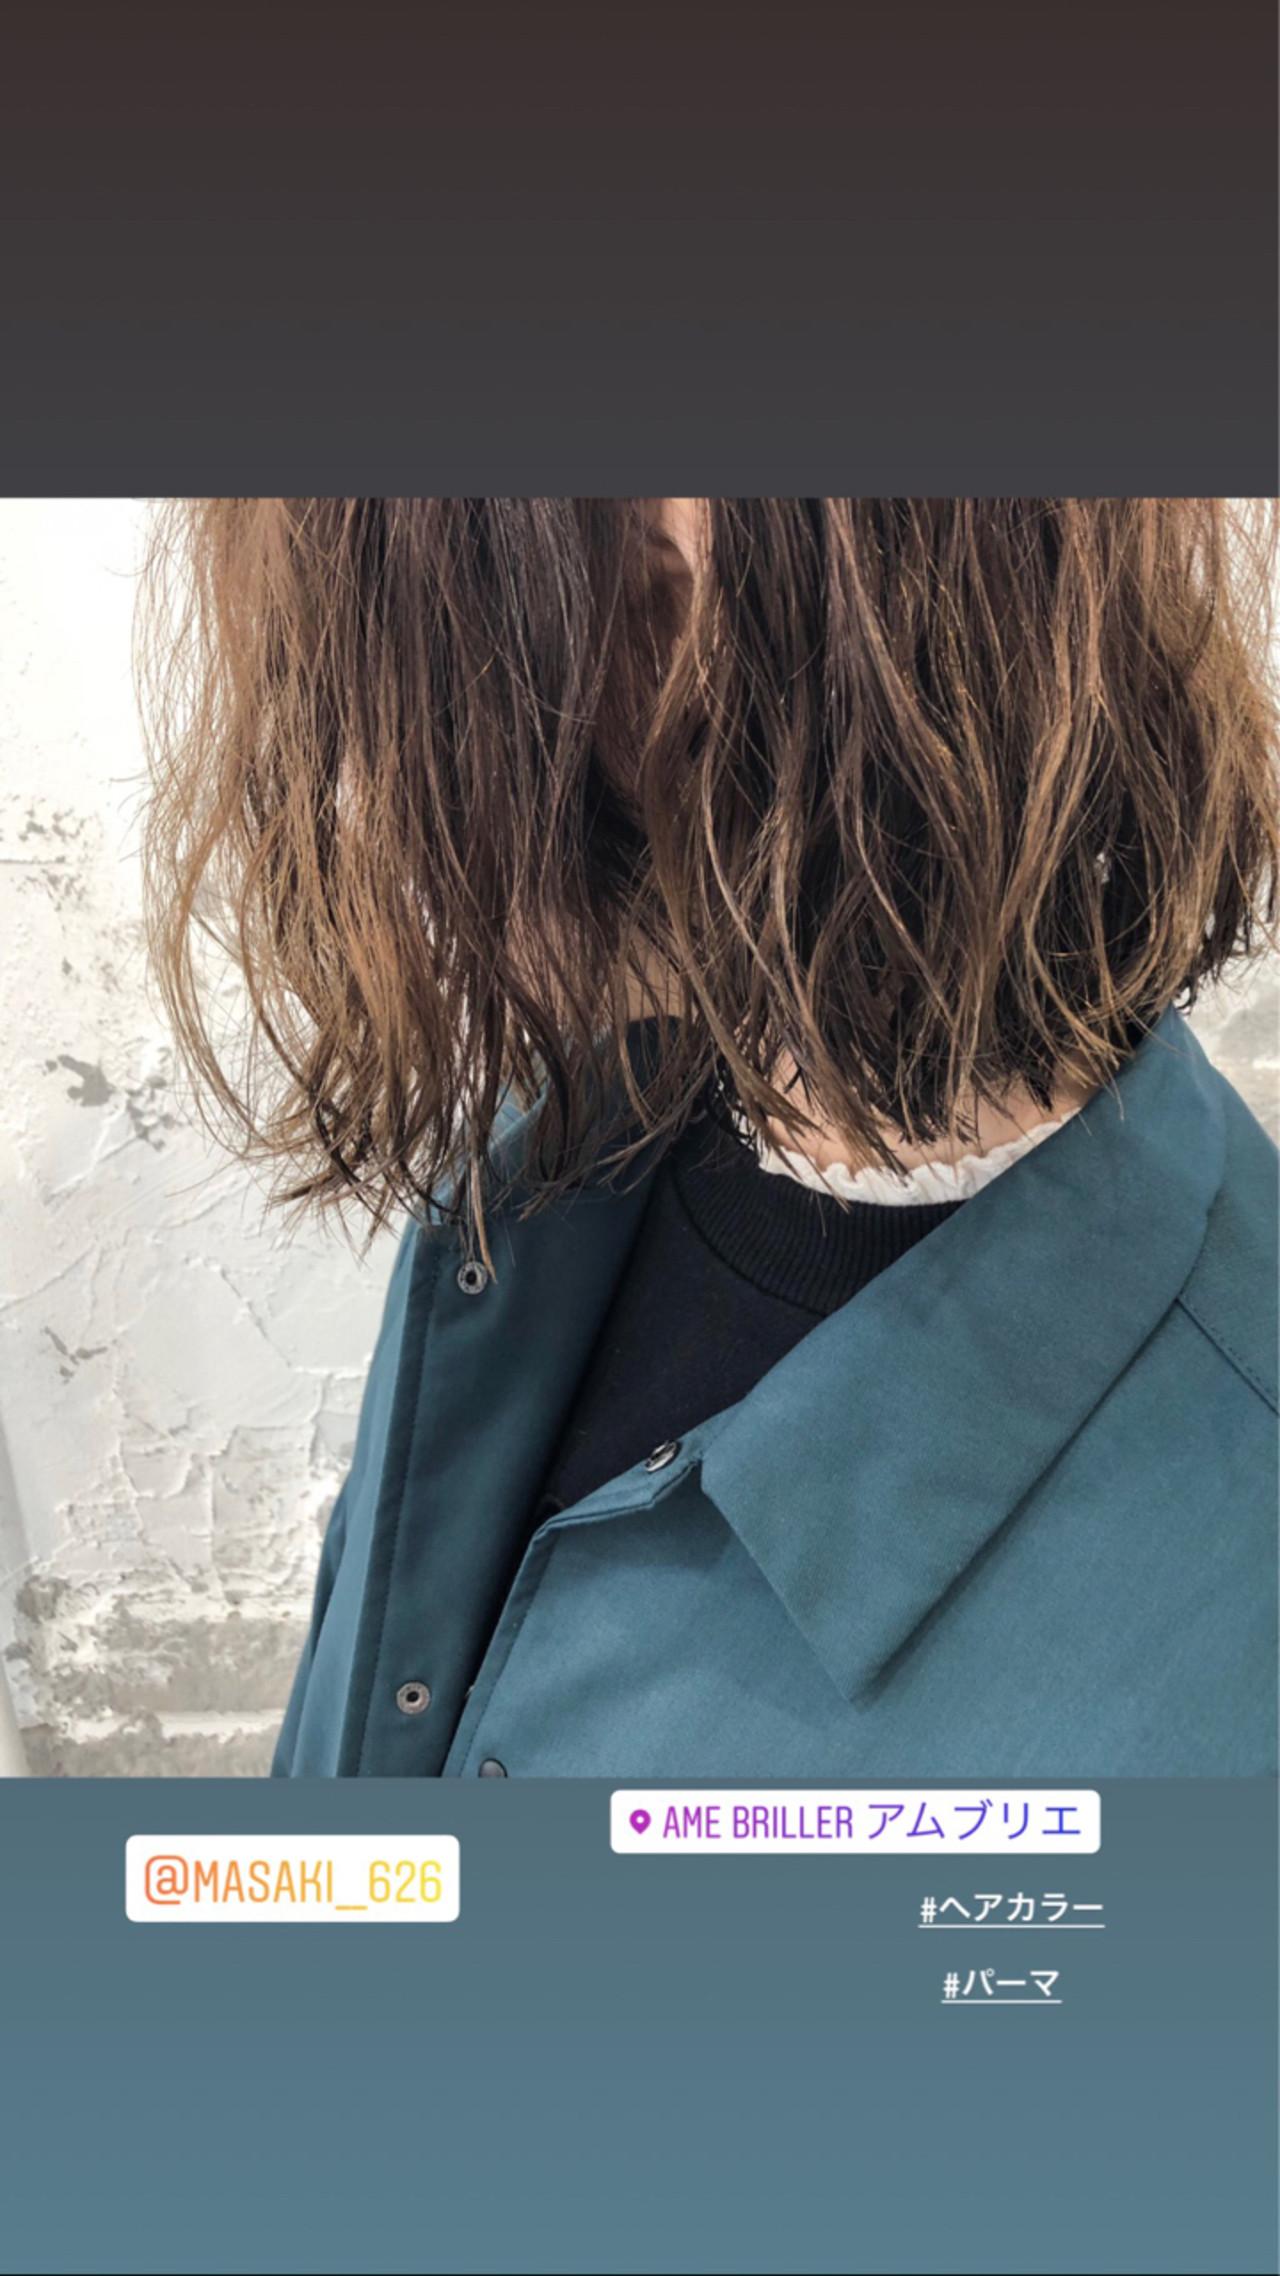 ゆるふわ 外国人風 ウェーブ パーマ ヘアスタイルや髪型の写真・画像   篠田 雅樹 / Ame briller 【アムブリエ】